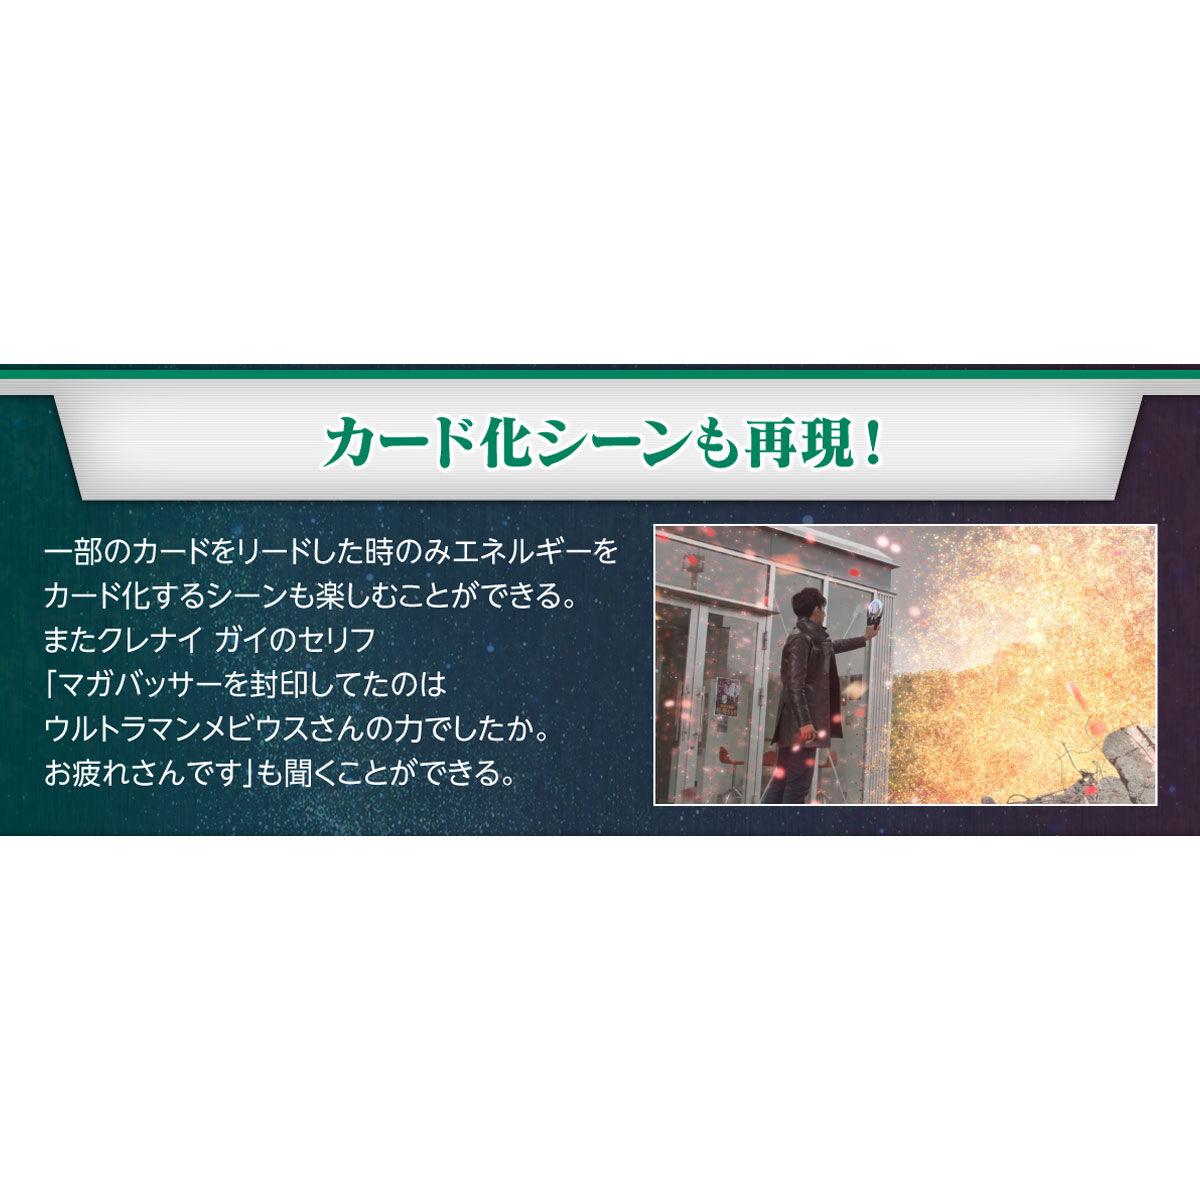 【限定販売】ウルトラレプリカ『オーブリング』ウルトラマンオーブリング 変身なりきり-006